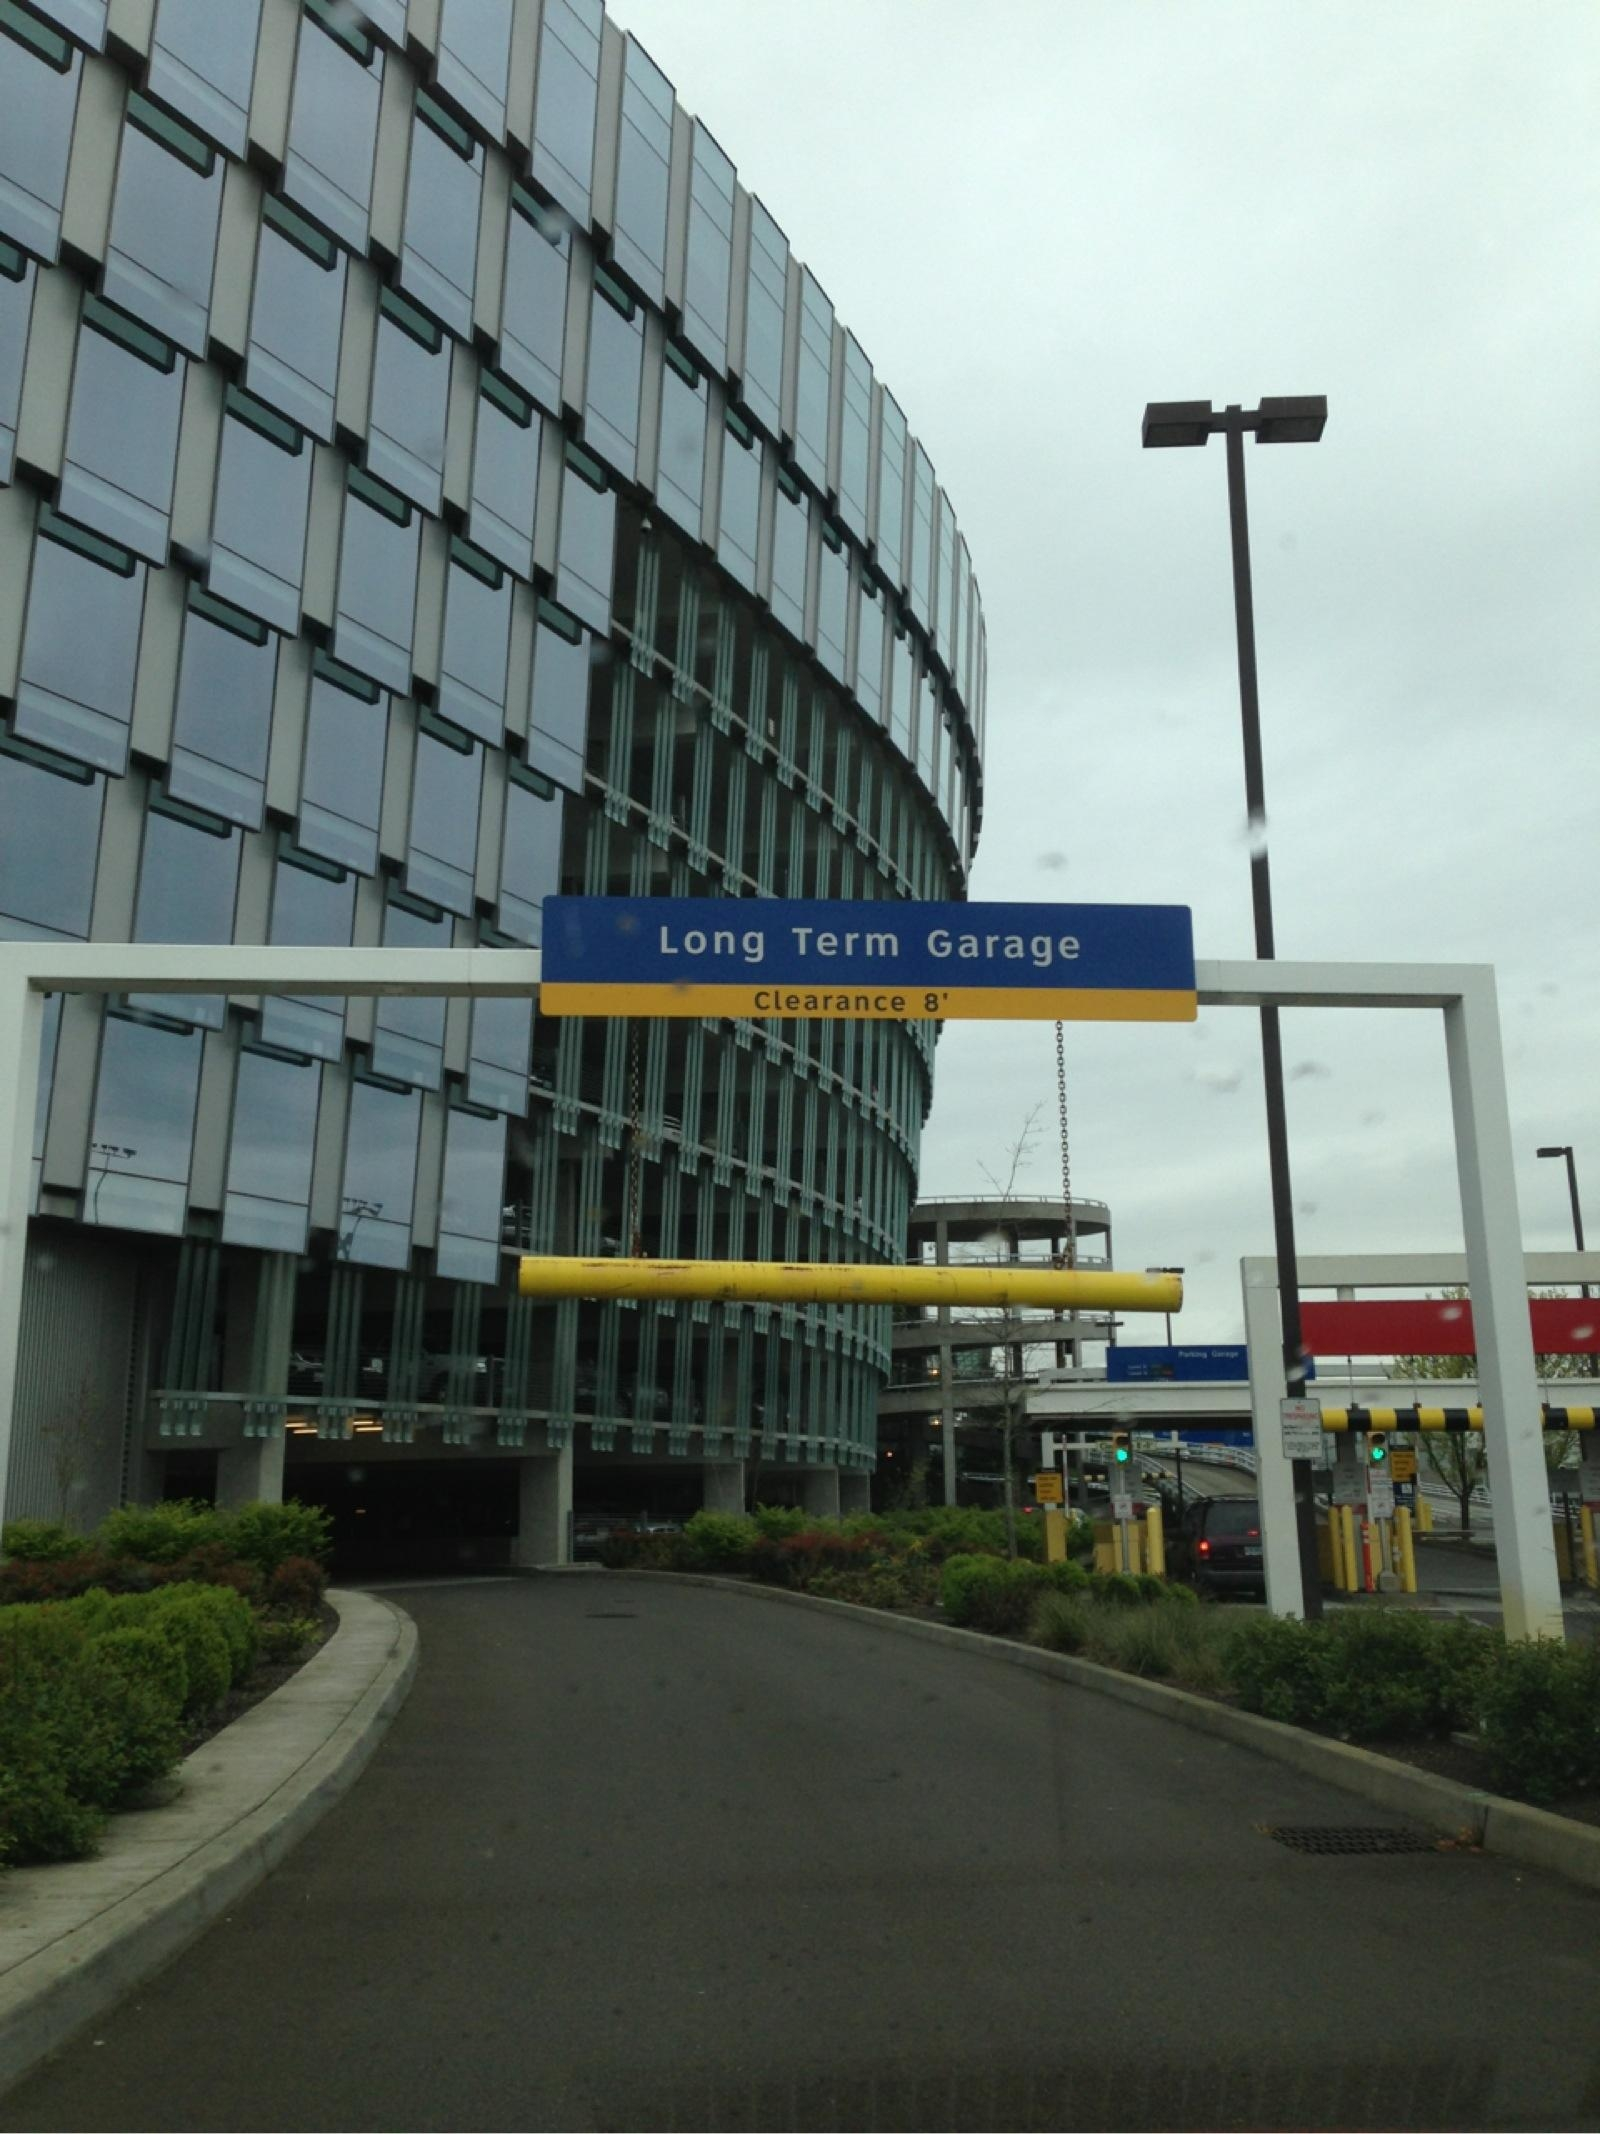 Pdx Long Term Parking >> PDX - Long Term Garage - Parking in Portland | ParkMe